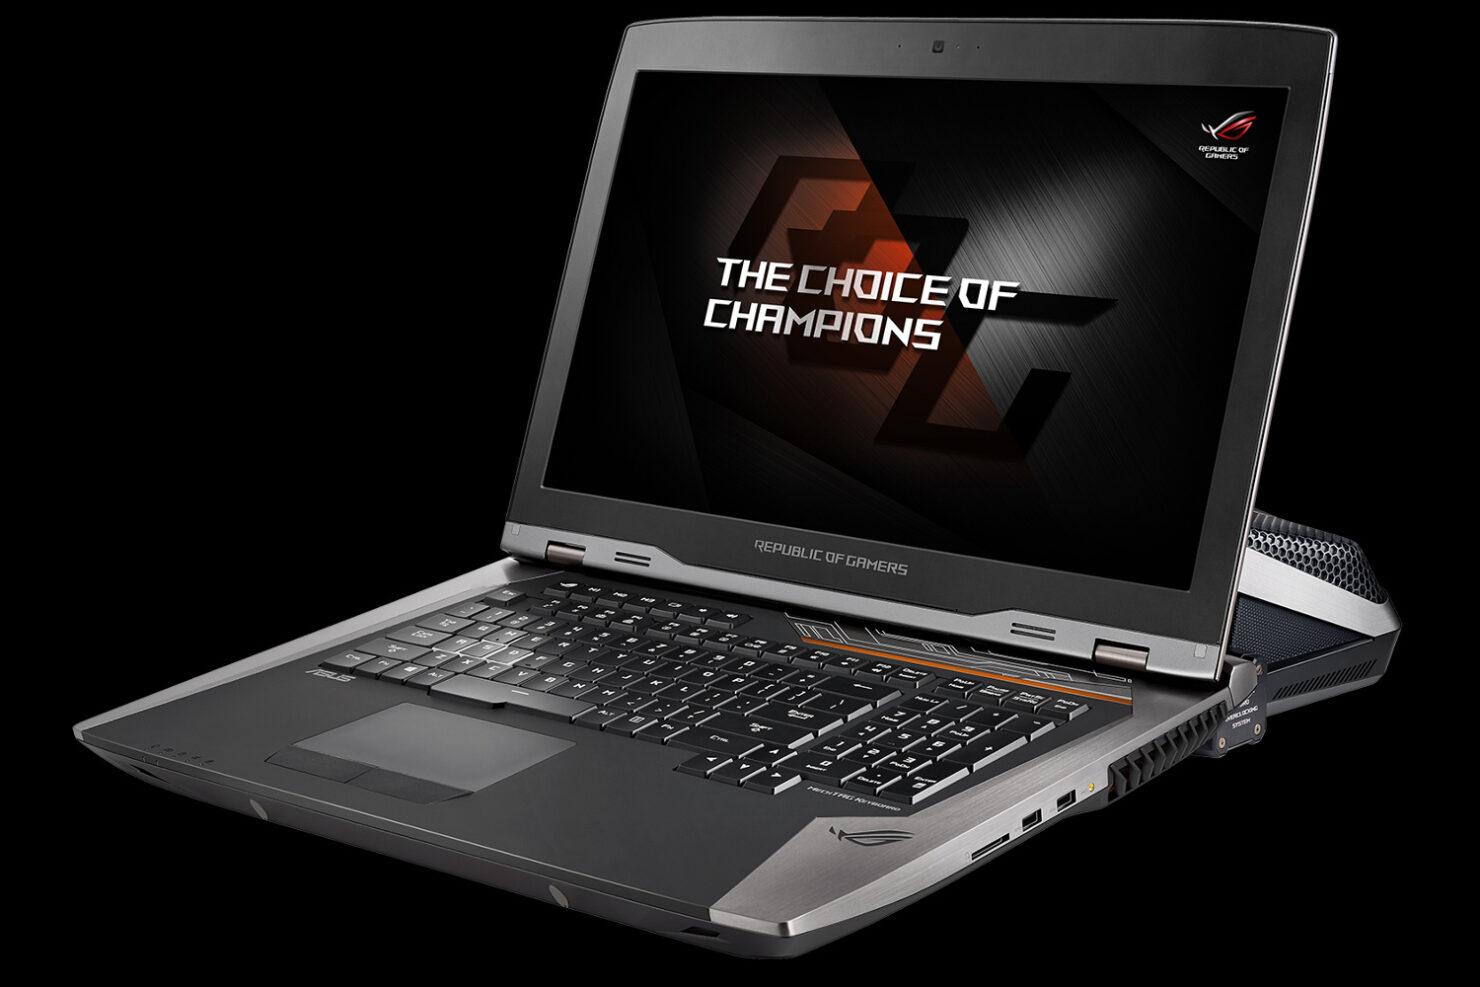 ASUS GTX 1080 thinnest laptop CES 2017